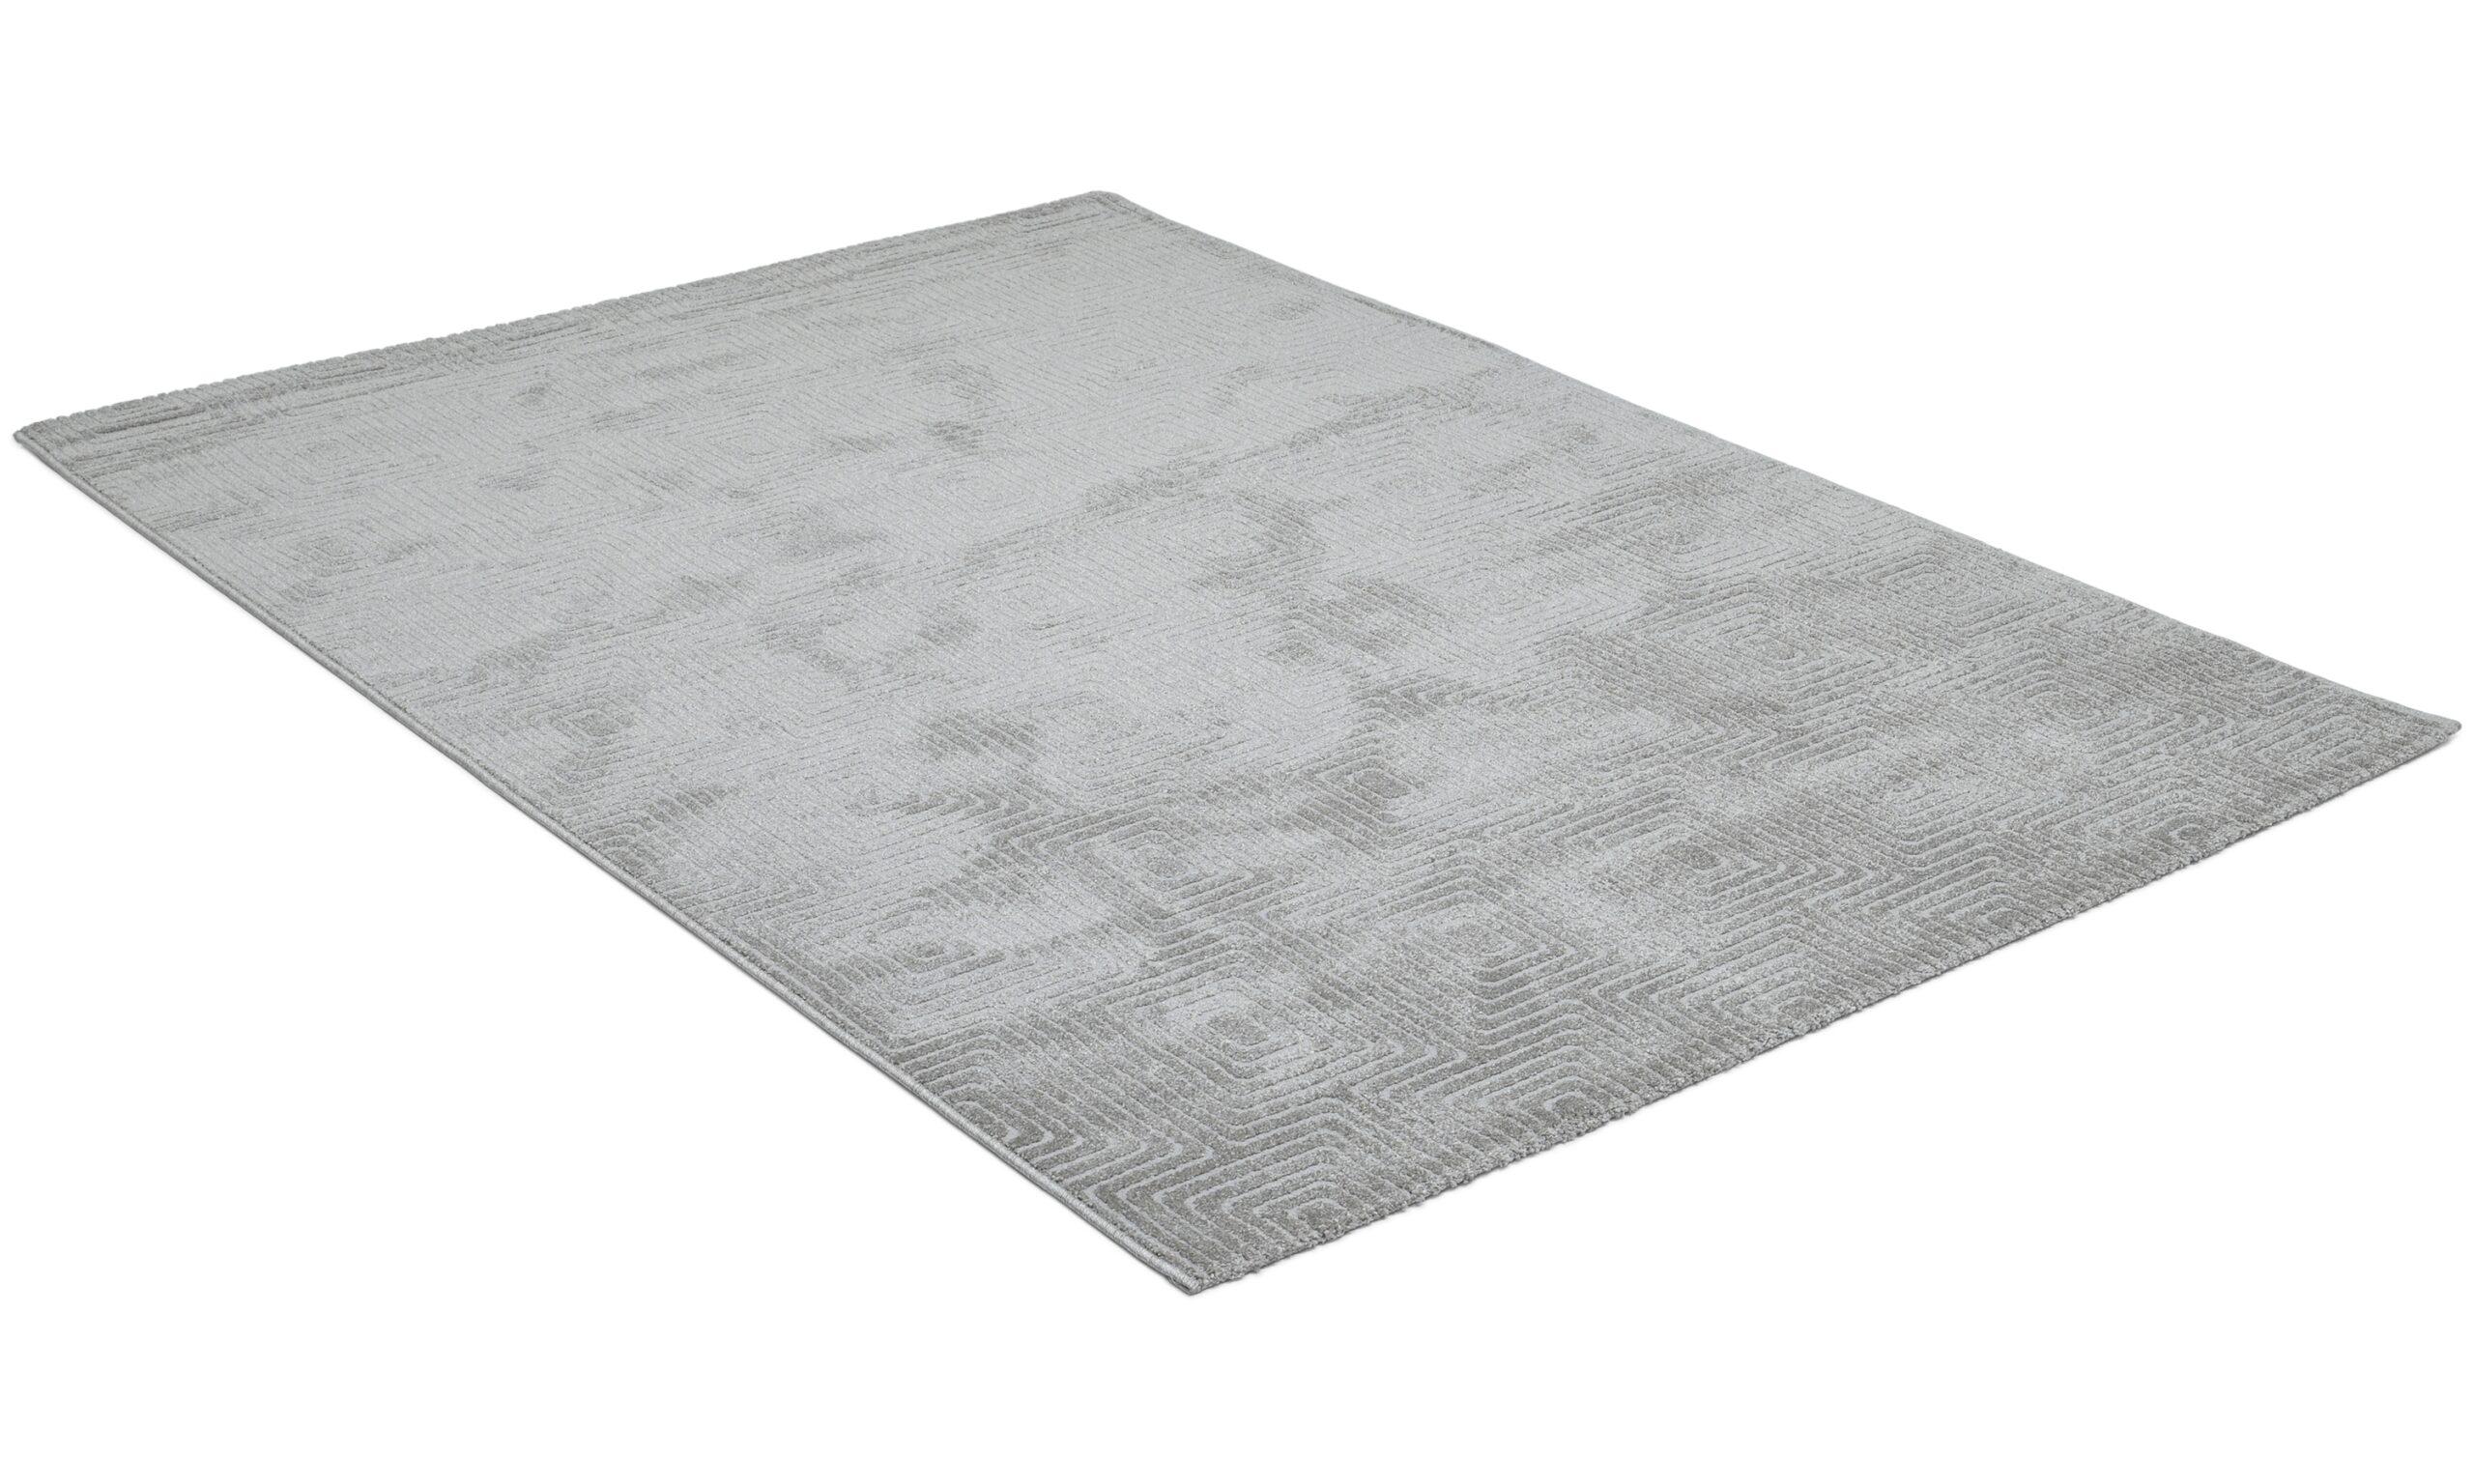 Fern lysegrå - maskinvevd teppe